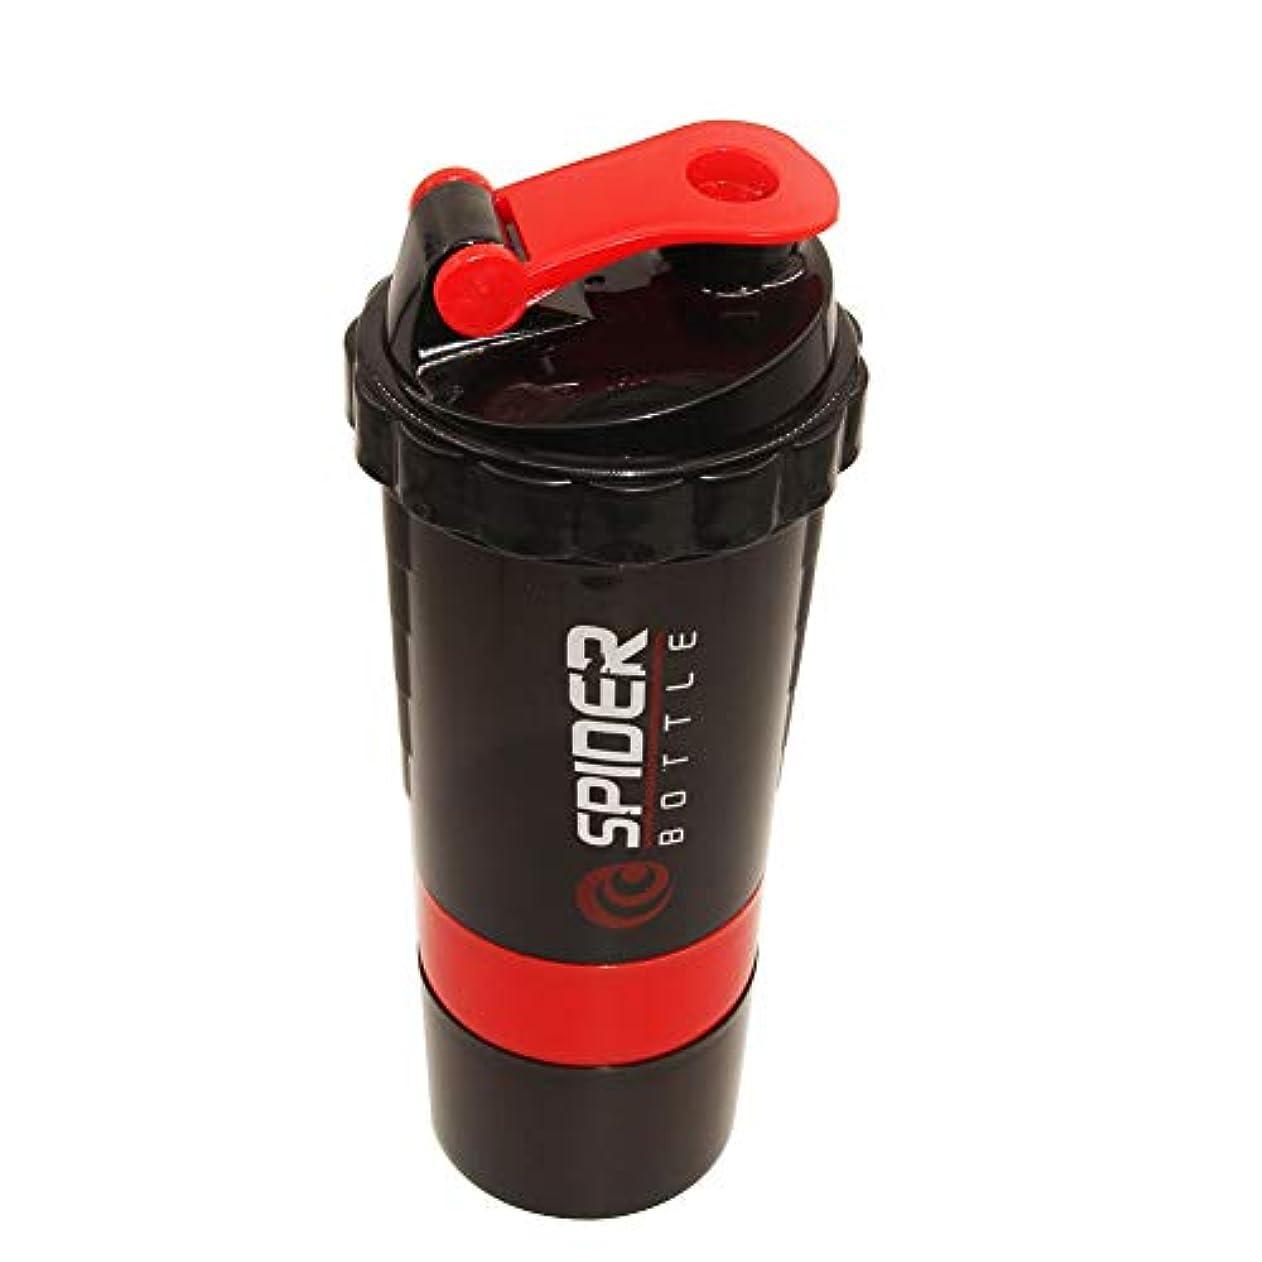 敬の念ペリスコープ共産主義者プロテインシェイカー プラスチックボトル シェーカーボトル フィットネス用 プラスチック 目盛り ジム スポーツ 600ml 3層プロテインボックス 大容量 (Red)